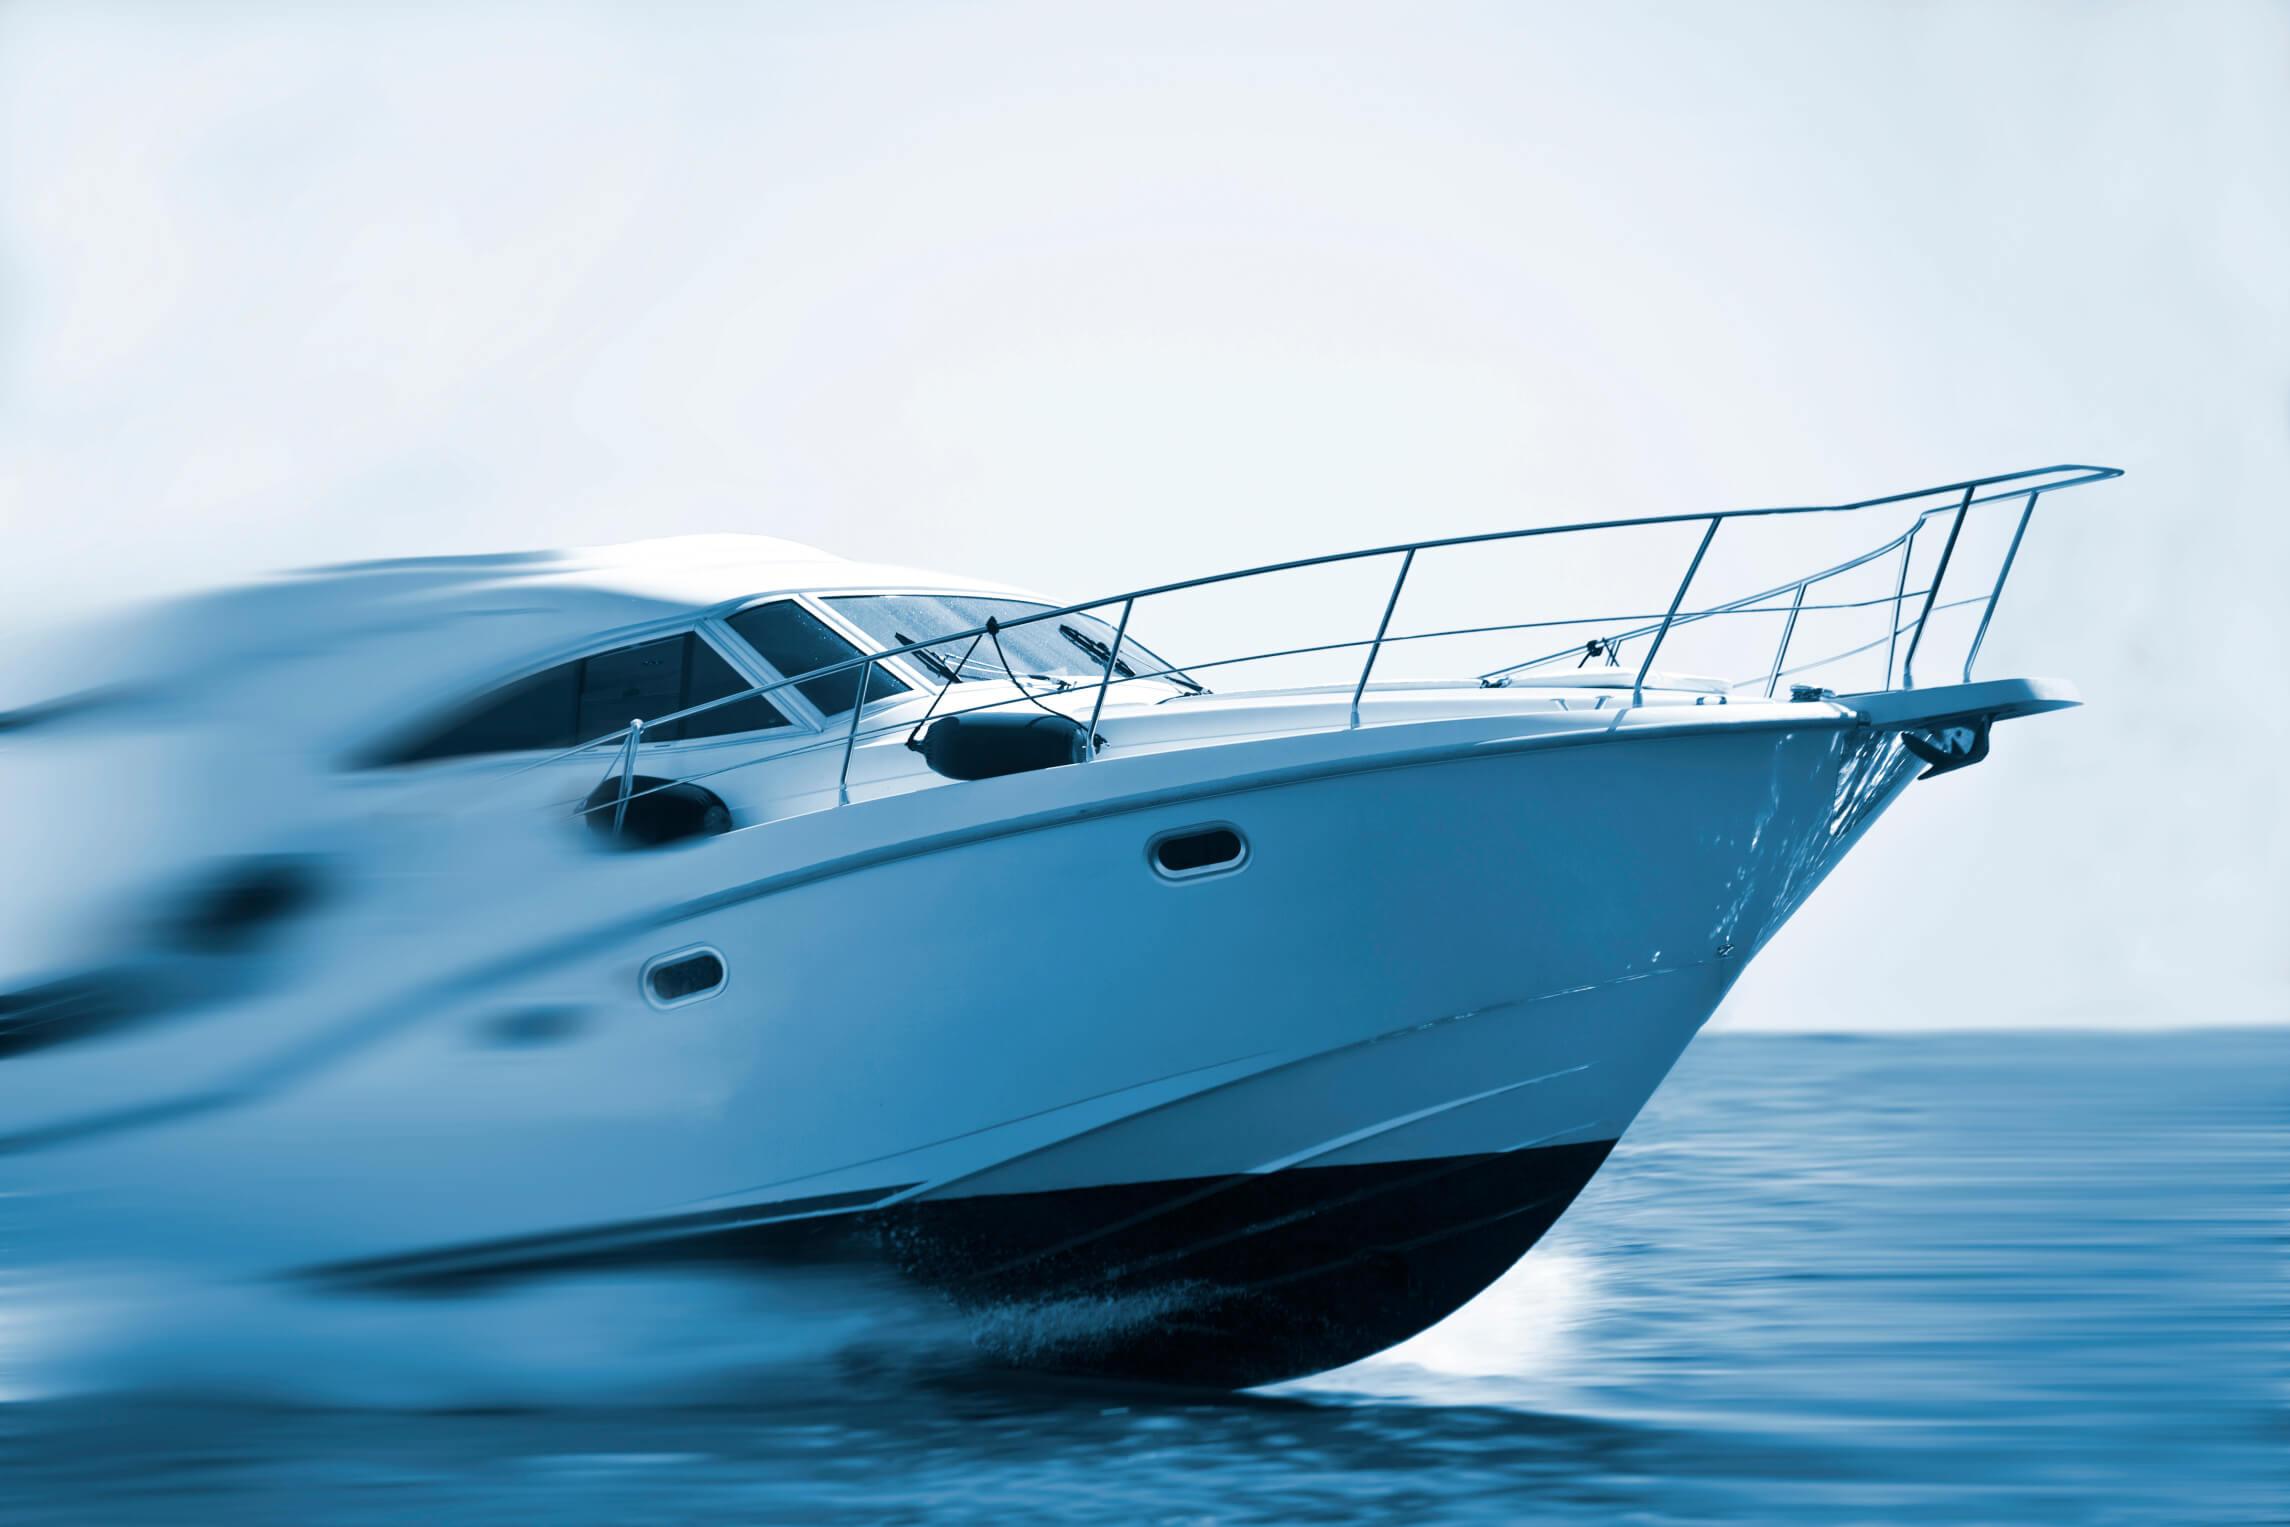 Inboard versus Outboard